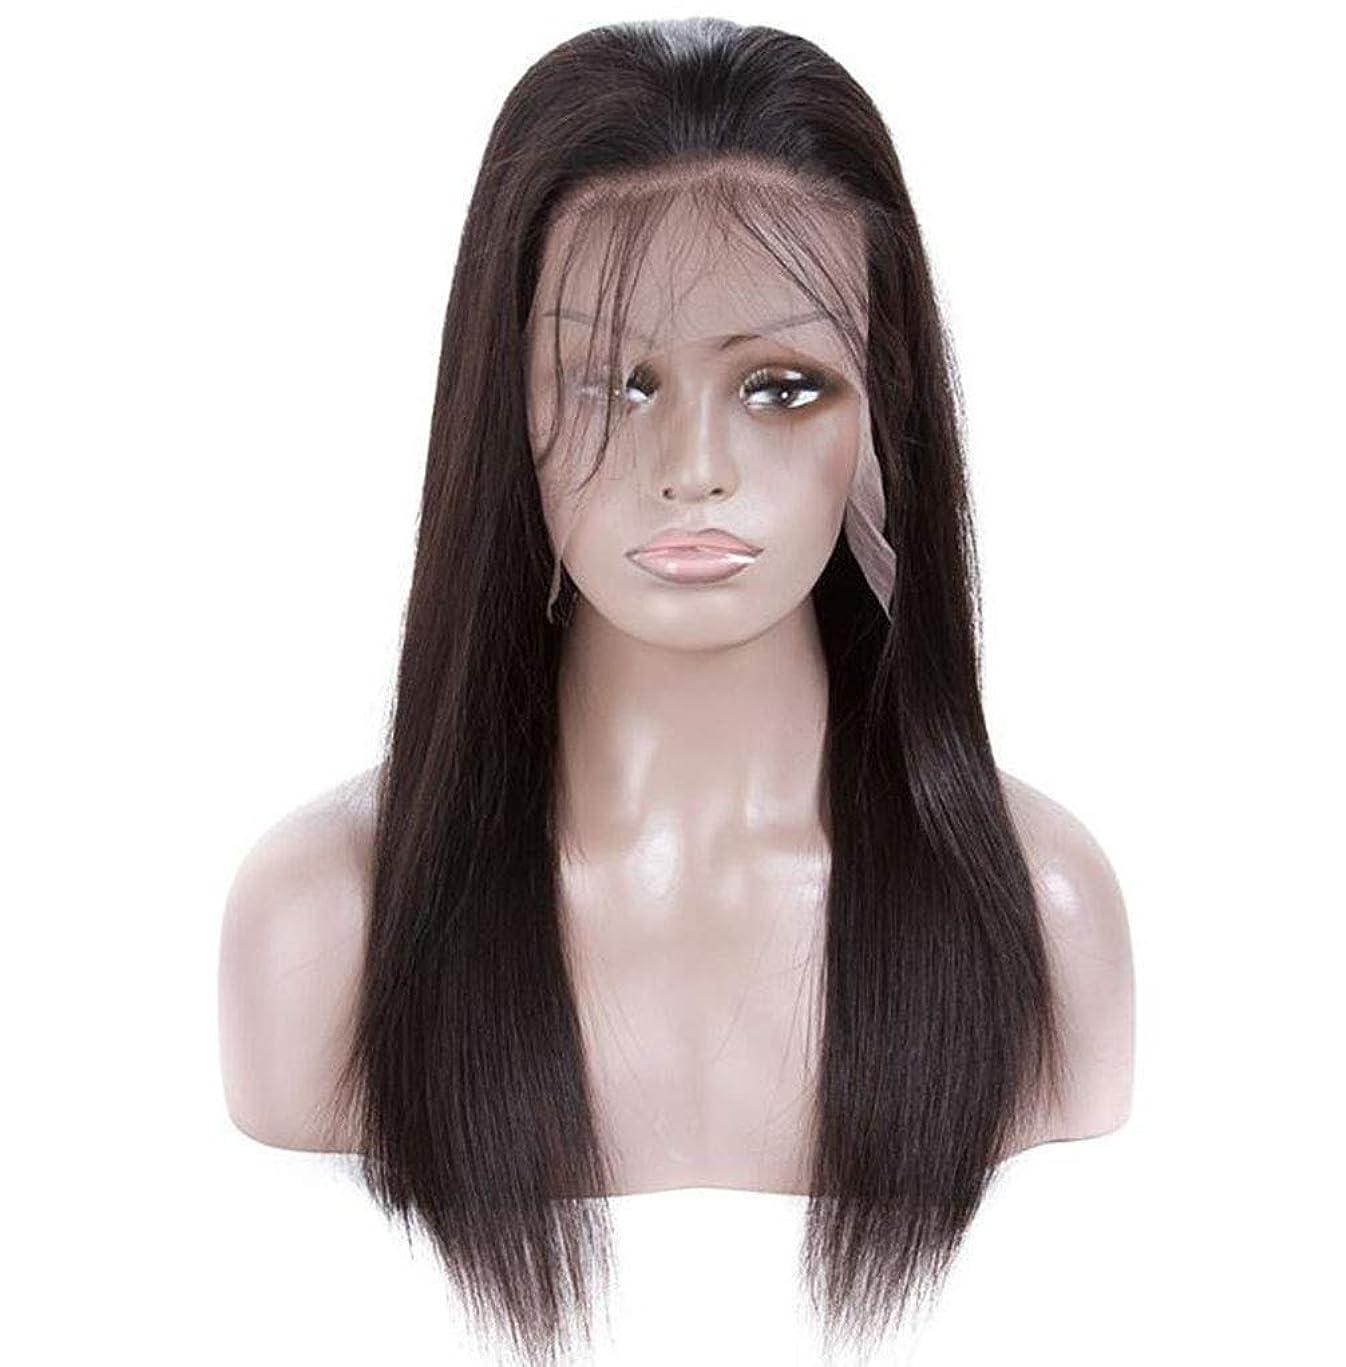 かつらストレート人毛ブラジルバージン130%密度ヘアピースヘアエクステンションわずかに赤ちゃんの髪黒人女性用ヘアラインナチュラルカラー黒かつら,12inch